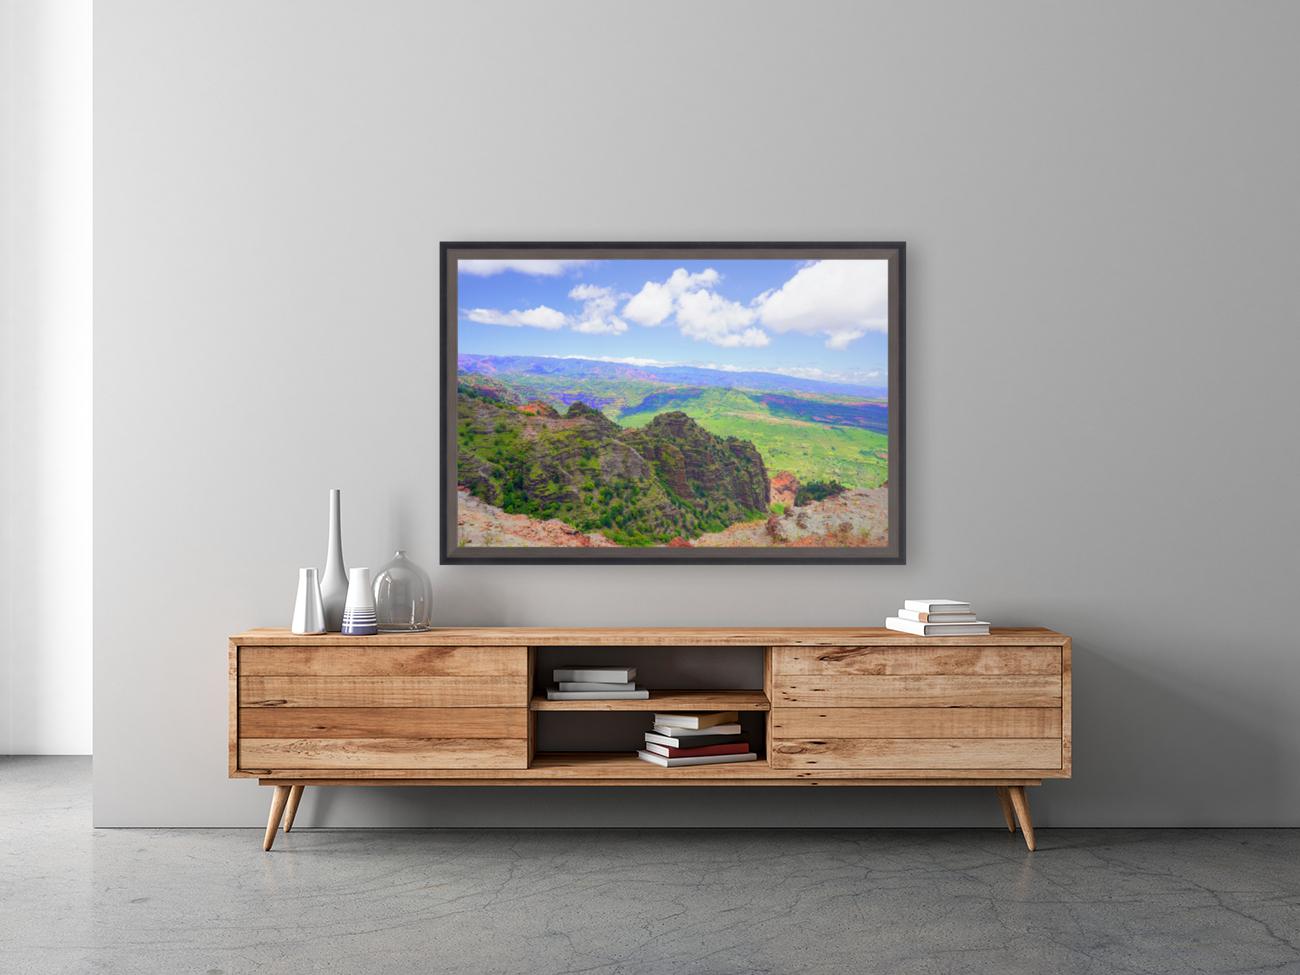 Waimea Canyon Area in the Puu Ka Pele Forest Reserve on the Island of Kauai Hawaii  Art